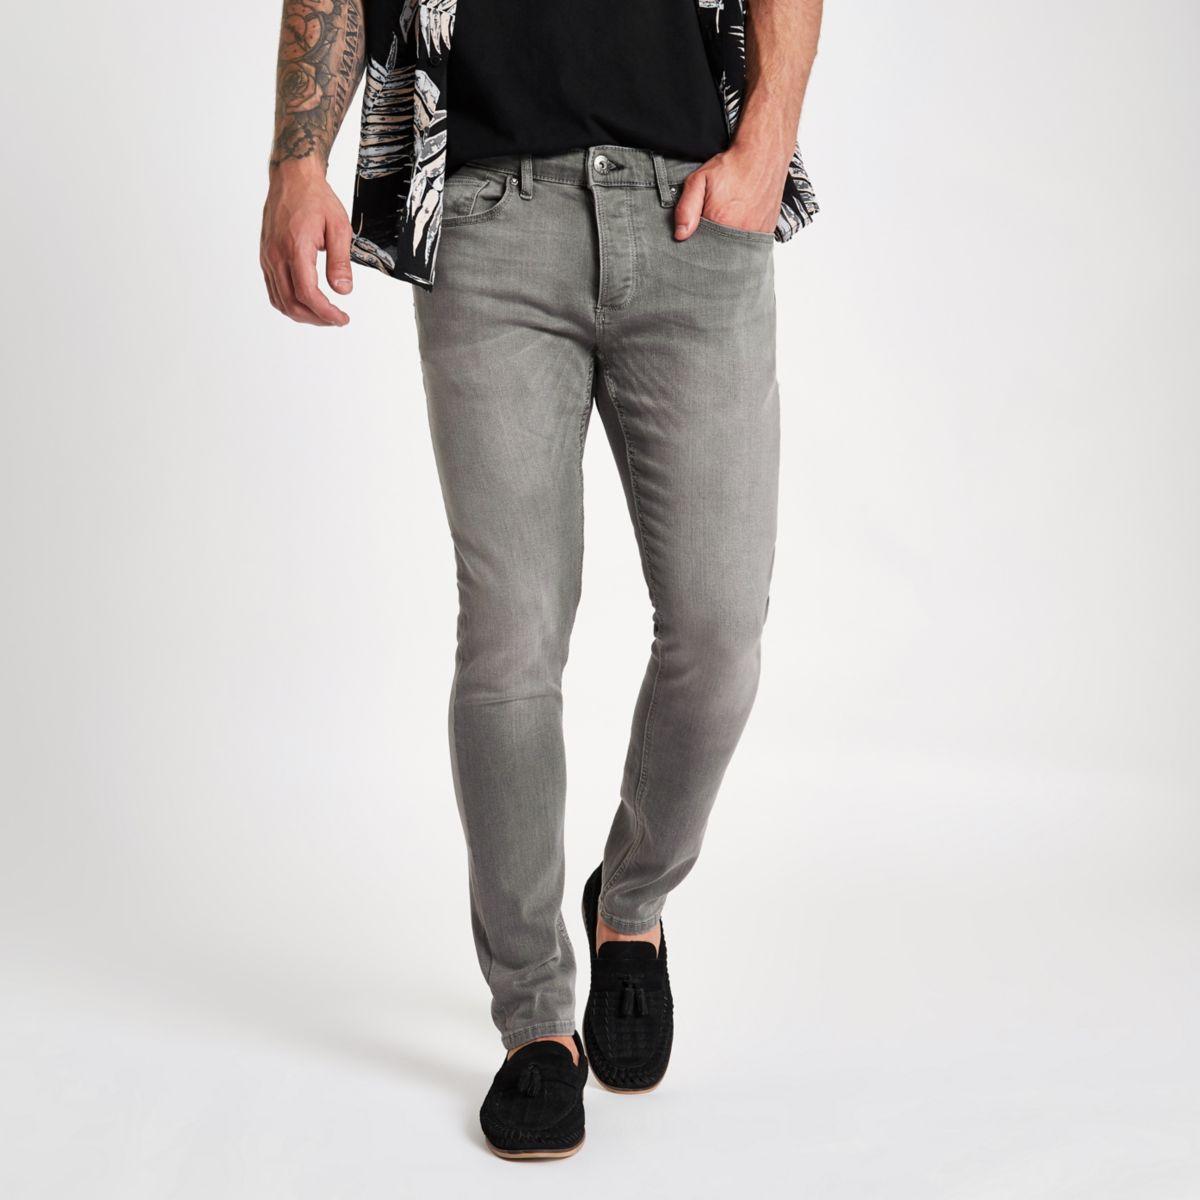 Grey wash Sid skinny jeans